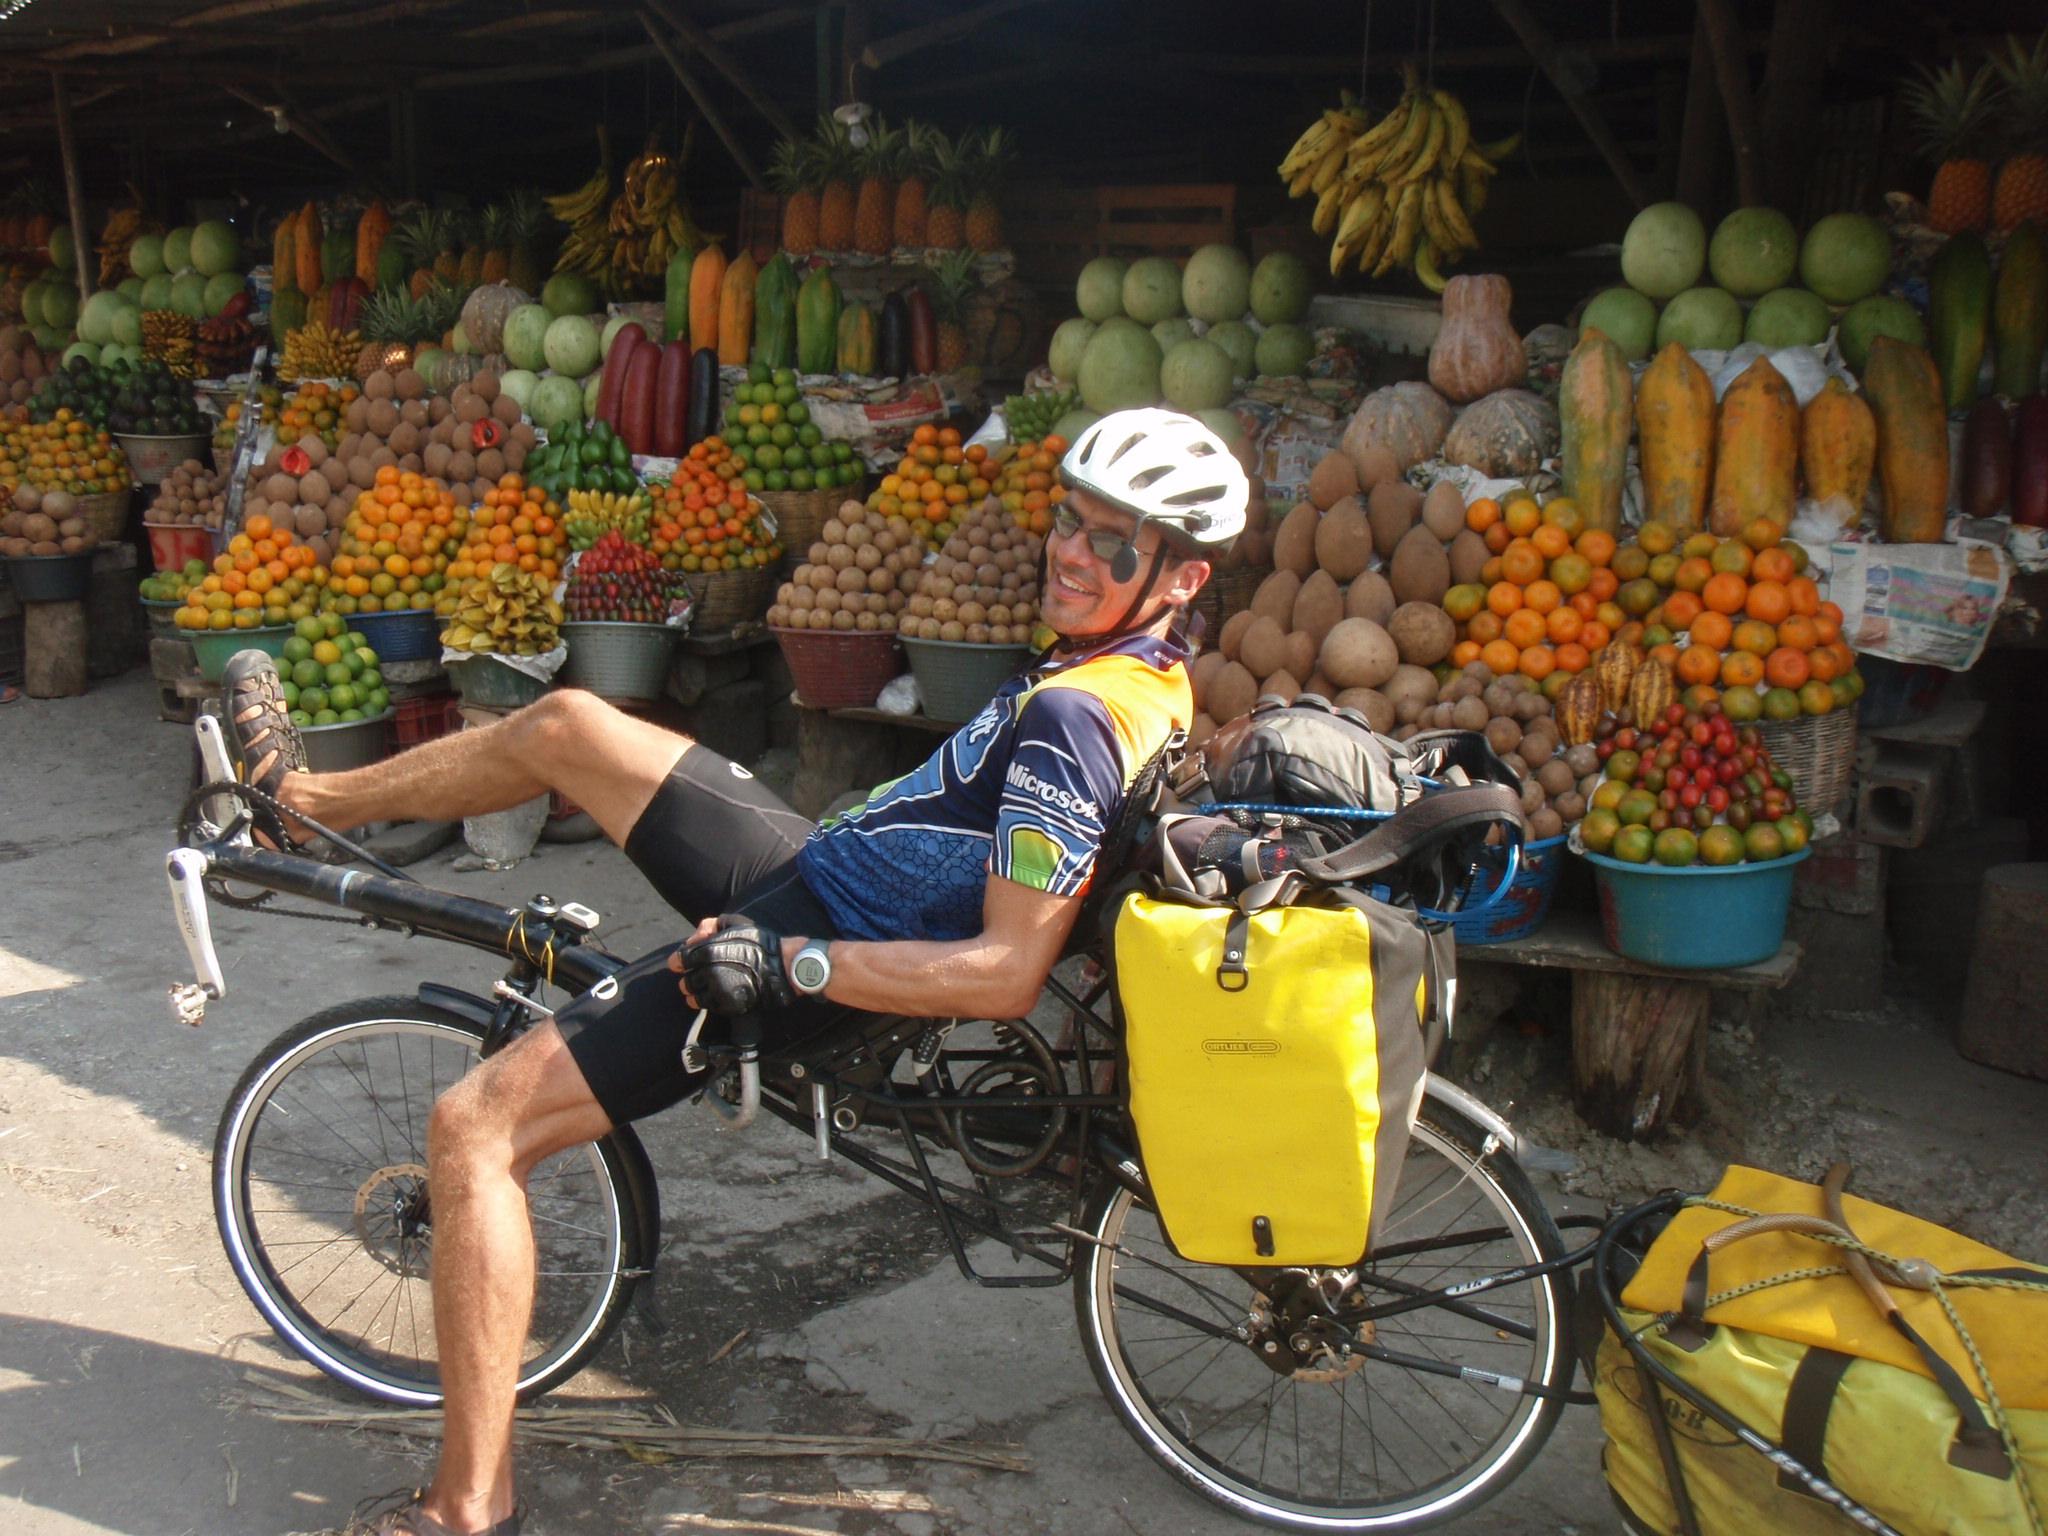 Full stop at Fruit stop - roadside scene in Guatemala